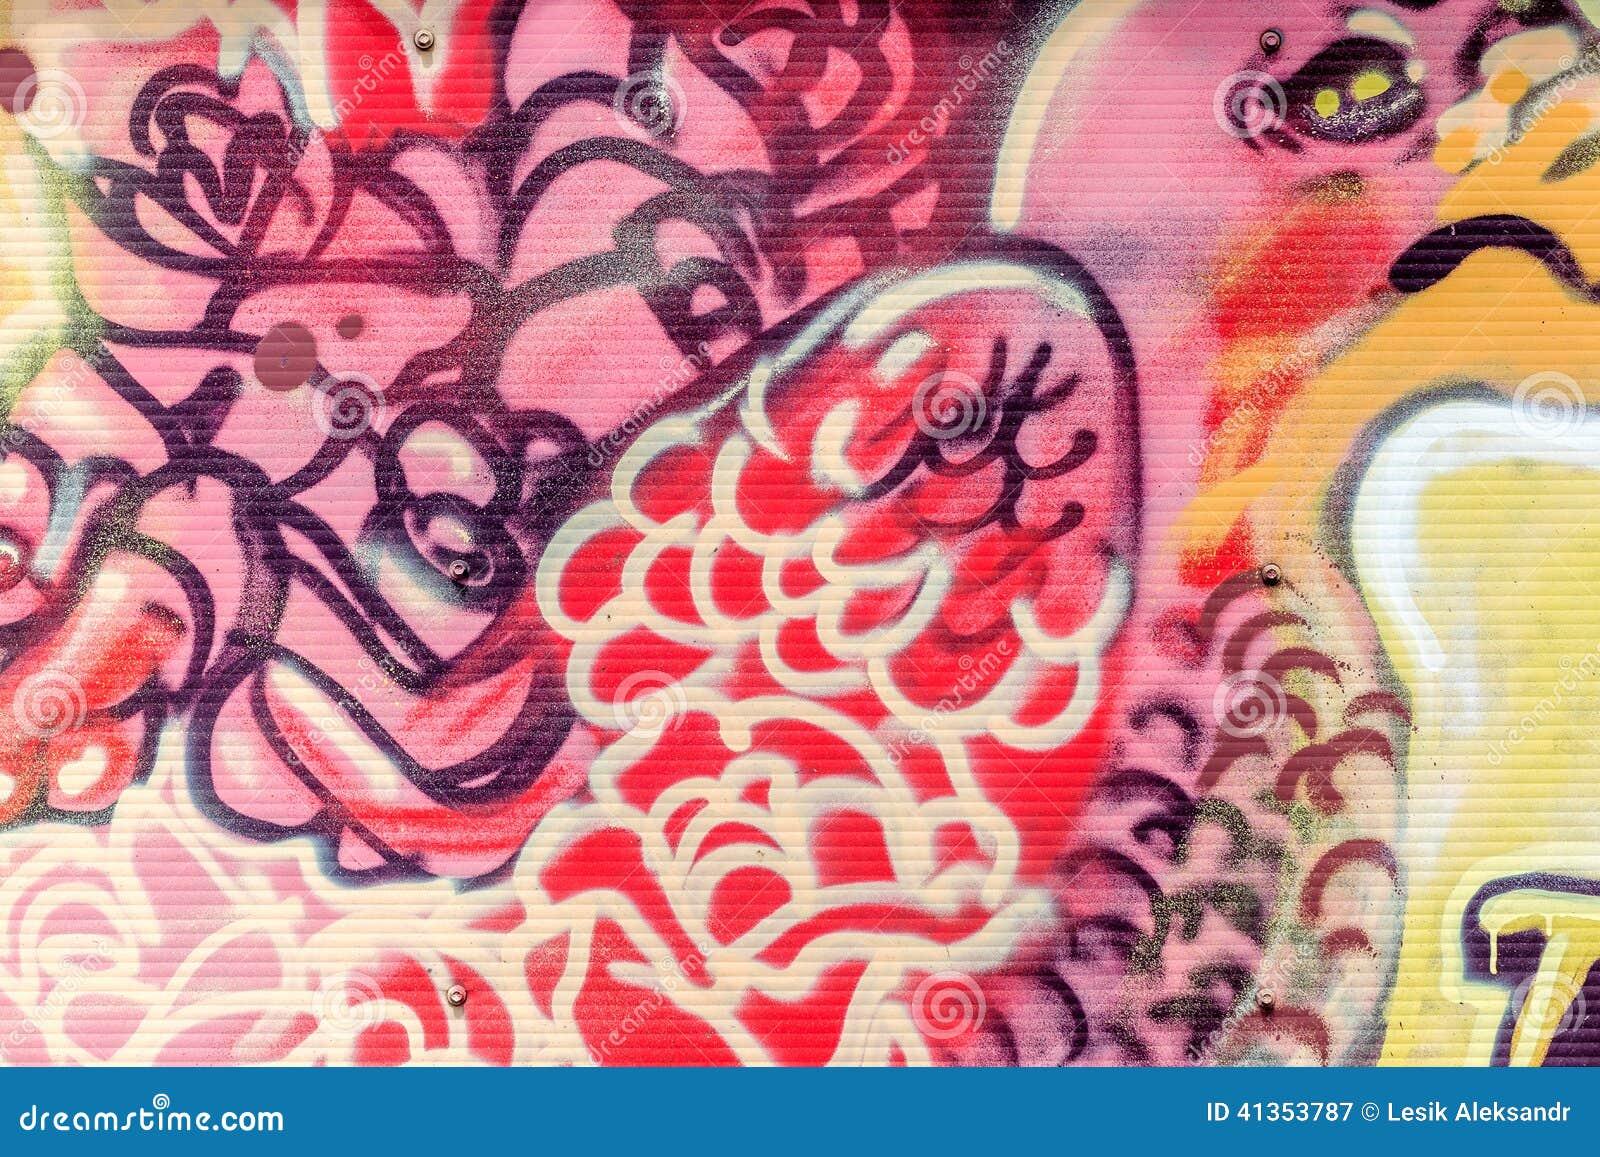 De mooie graffiti van de straatkunst Abstracte creatieve tekeningsmanier